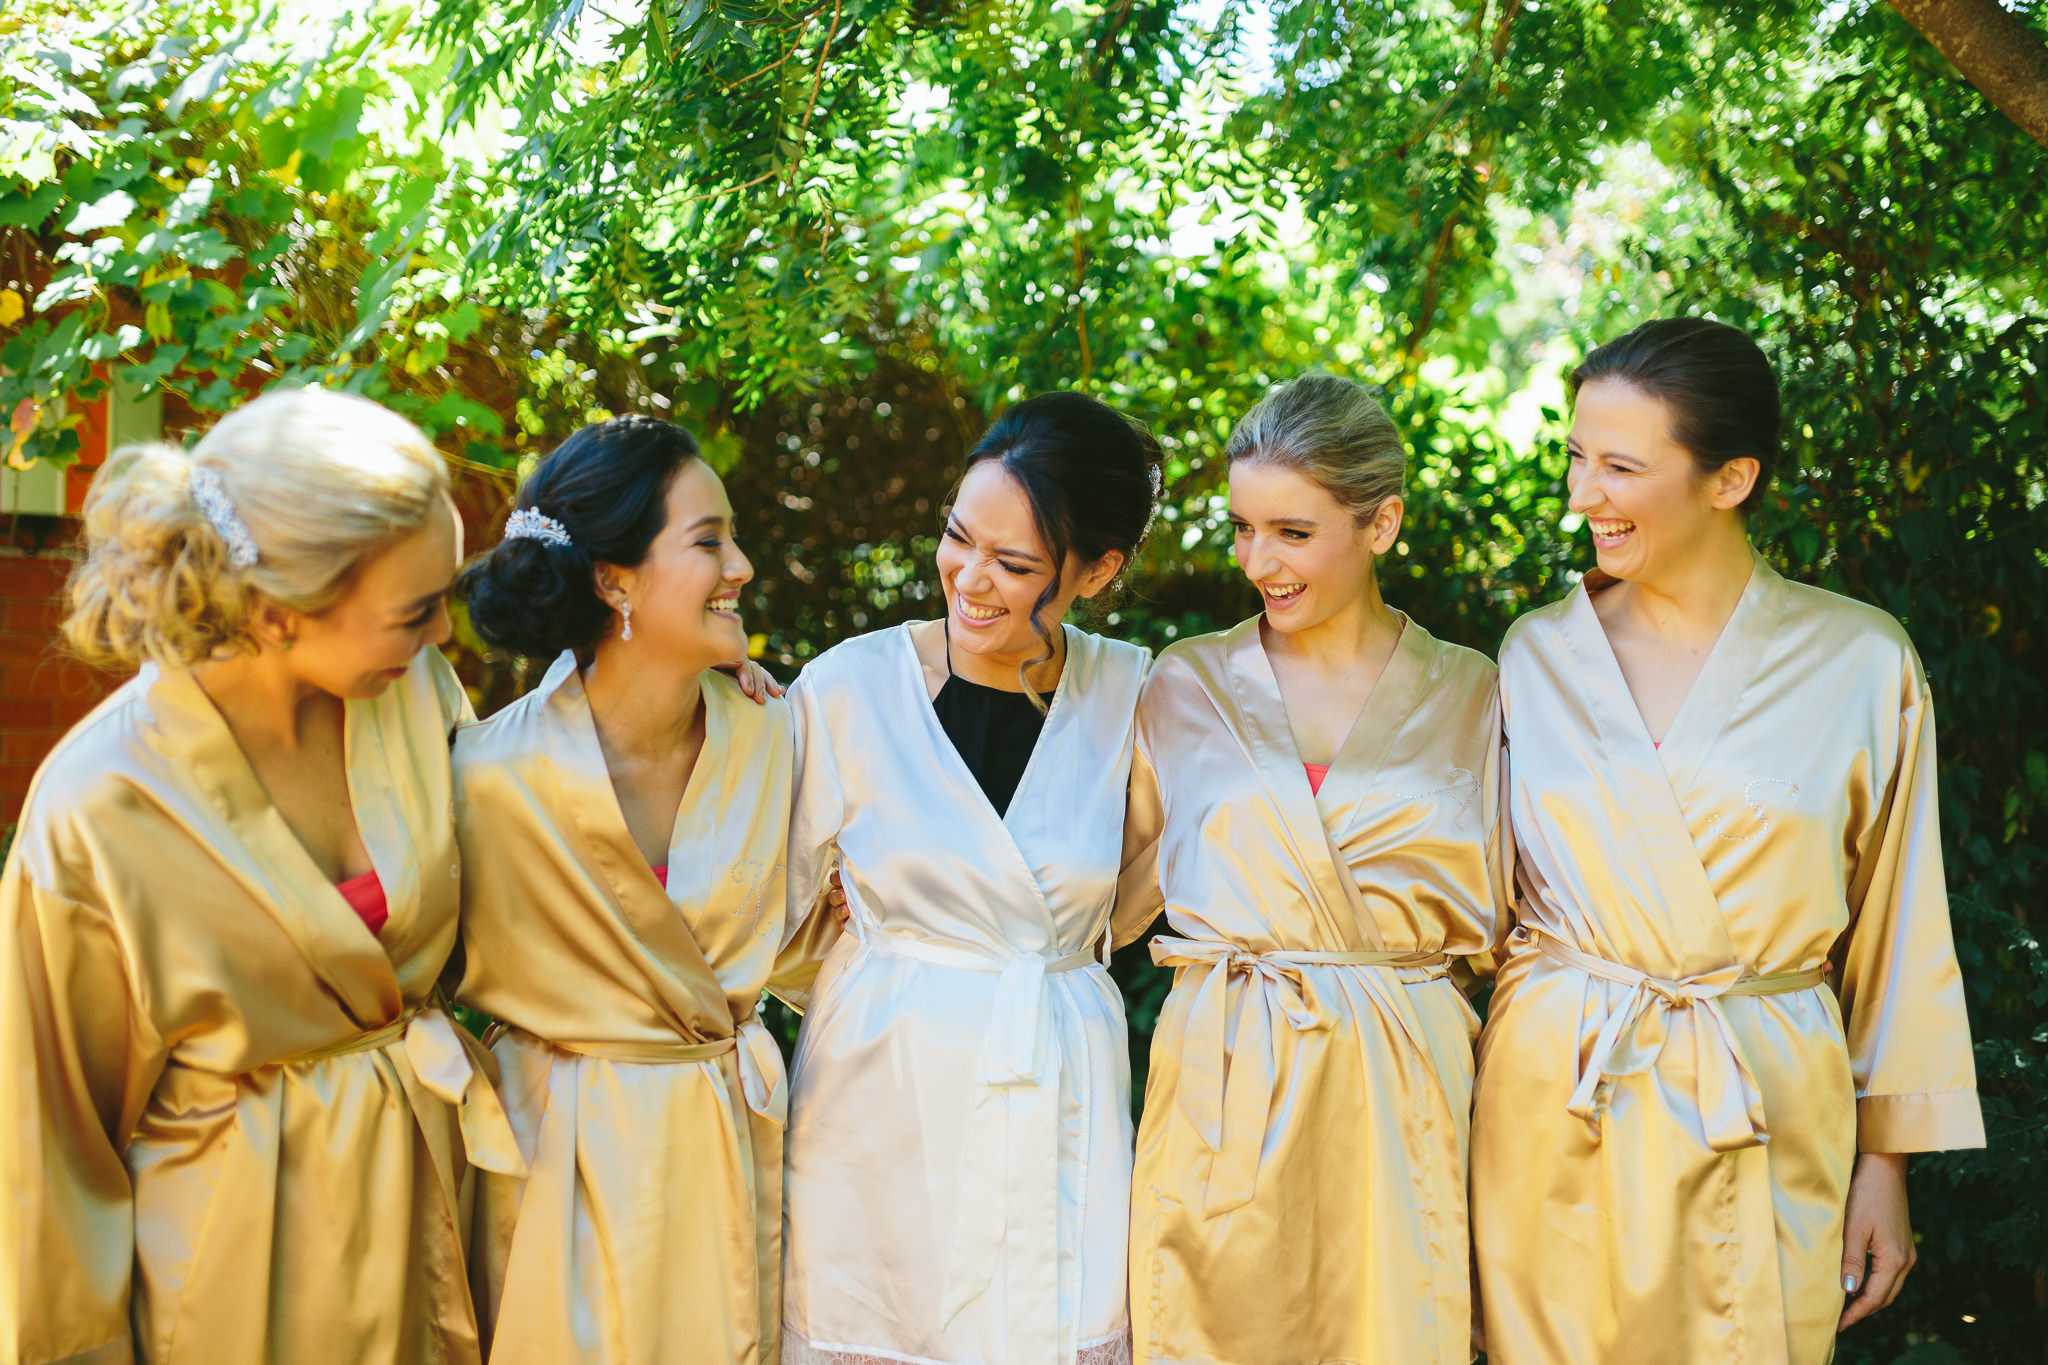 Bridesmaid Gold Robes